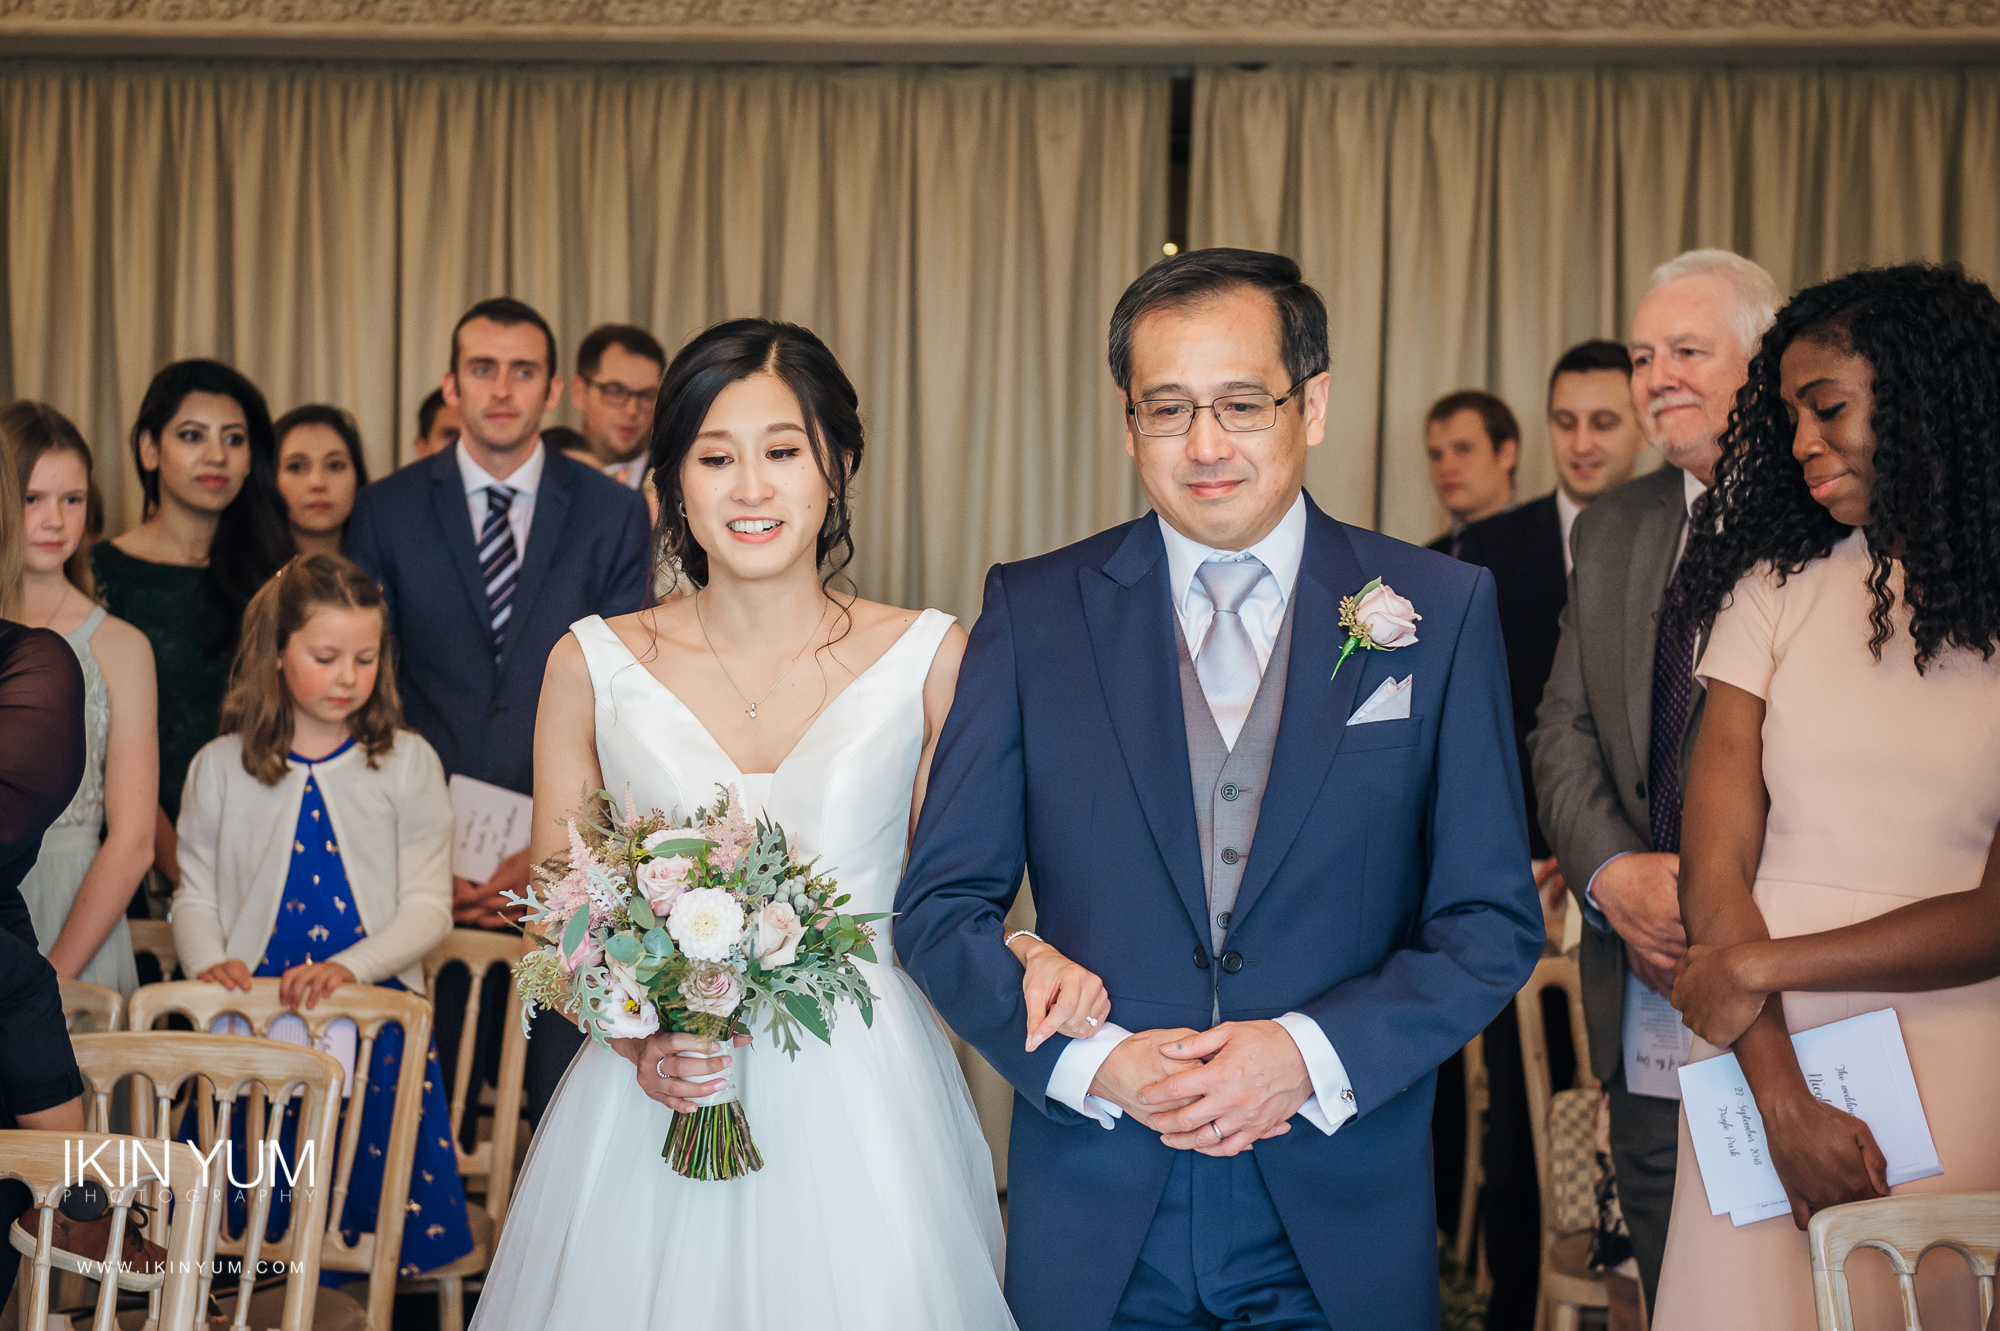 Nicola & Jonny Wedding Day - Ikin Yum Photography-051.jpg